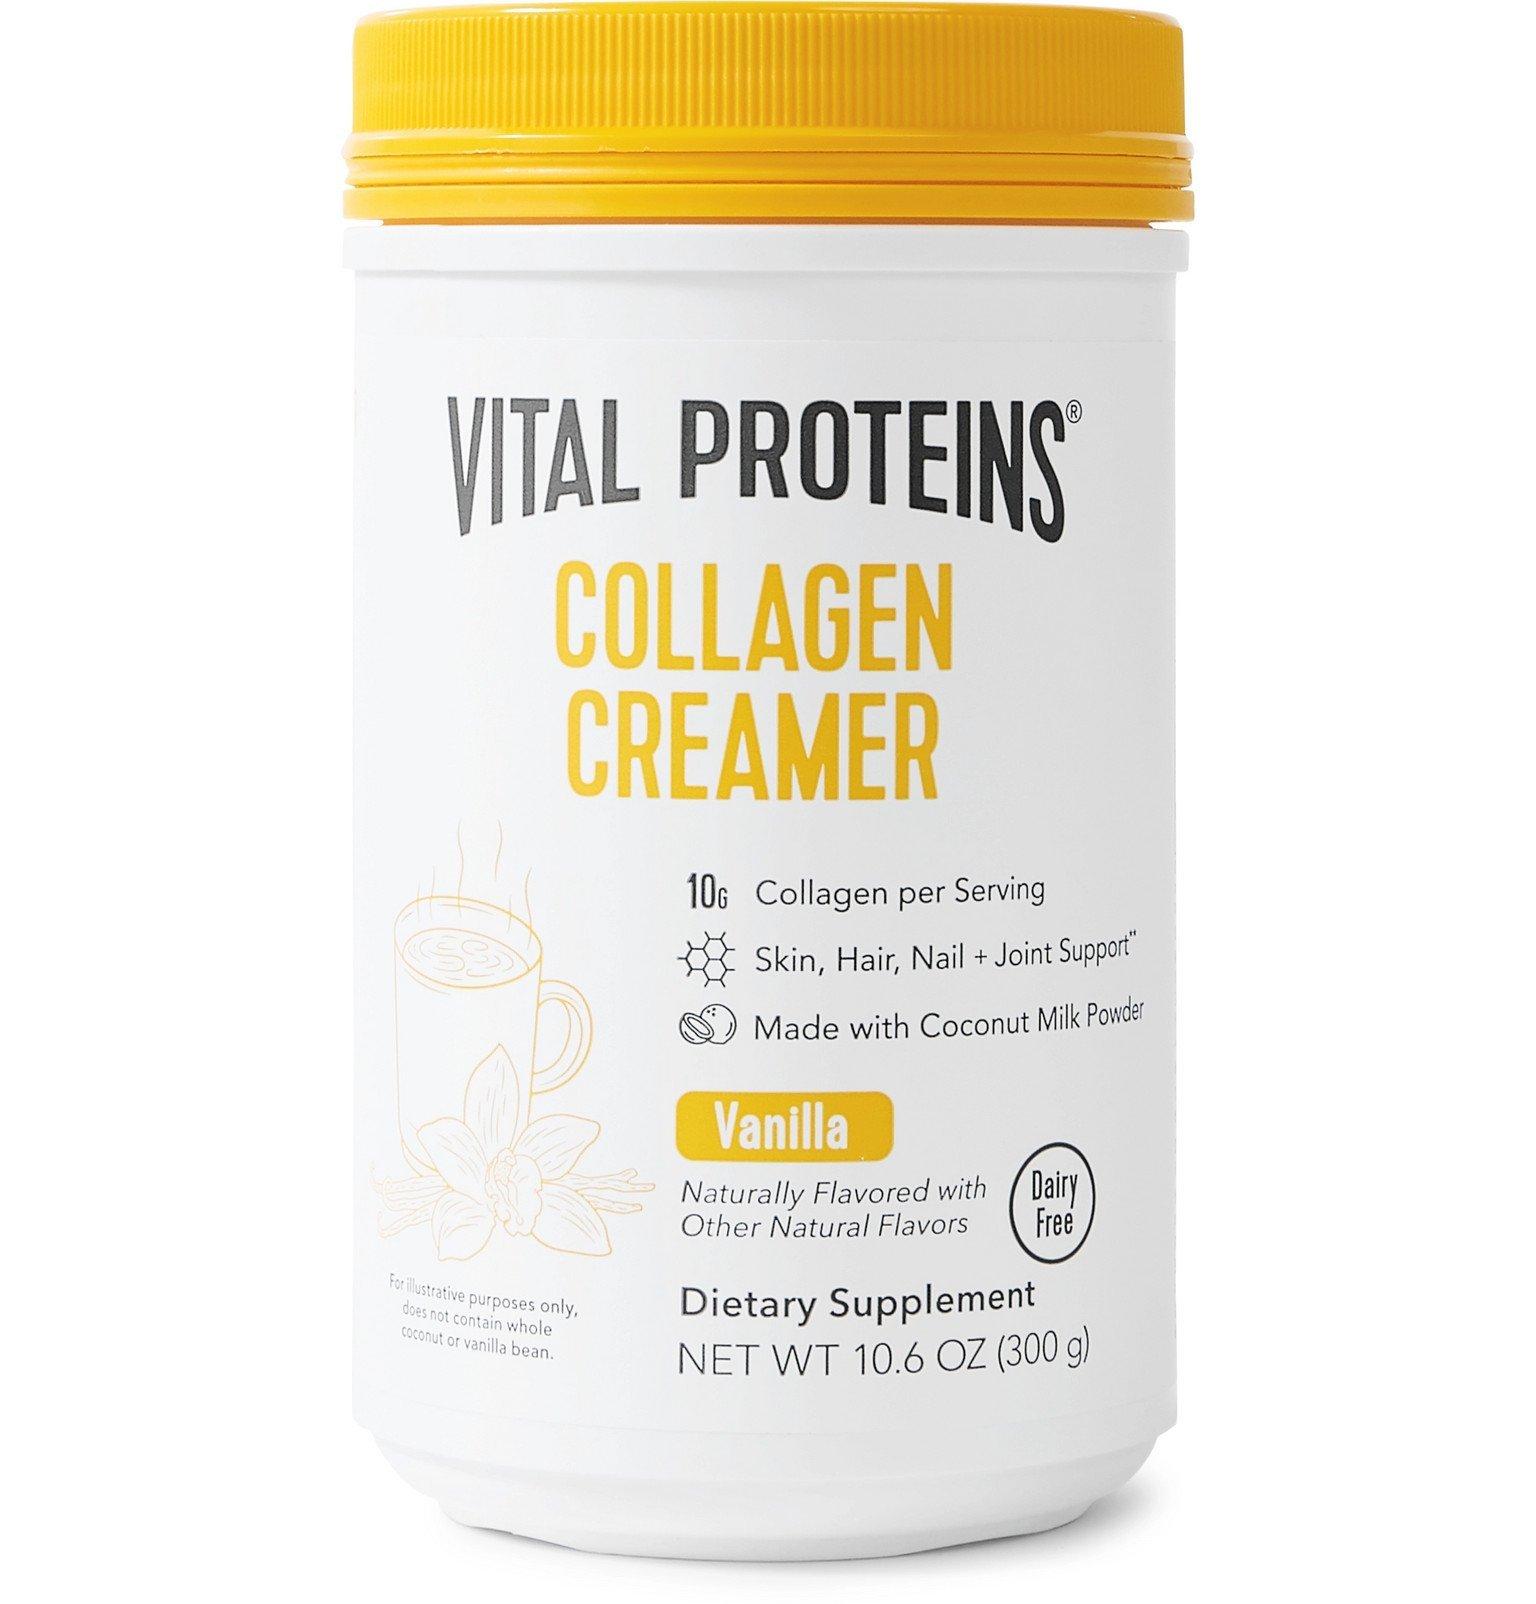 Photo: VITAL PROTEINS - Vanilla Collagen Creamer, 300g - Colorless